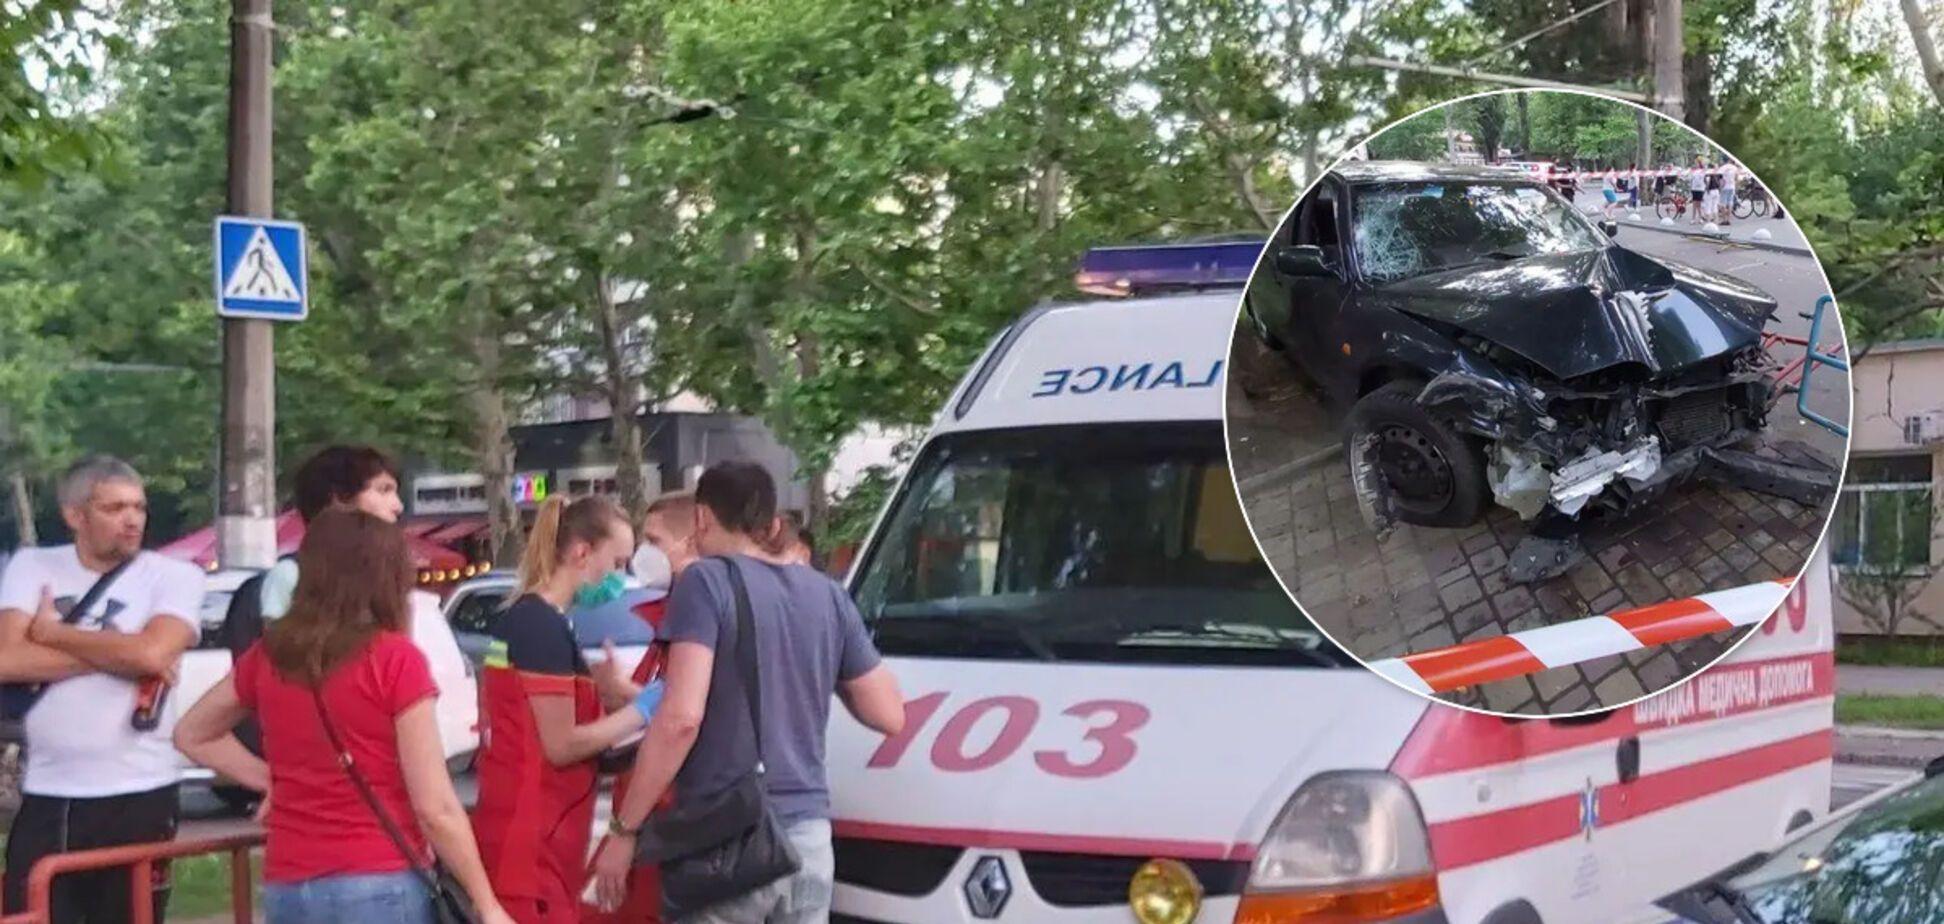 'Самосуд' над водителем с инсультом в Одессе: против участников открыли производство